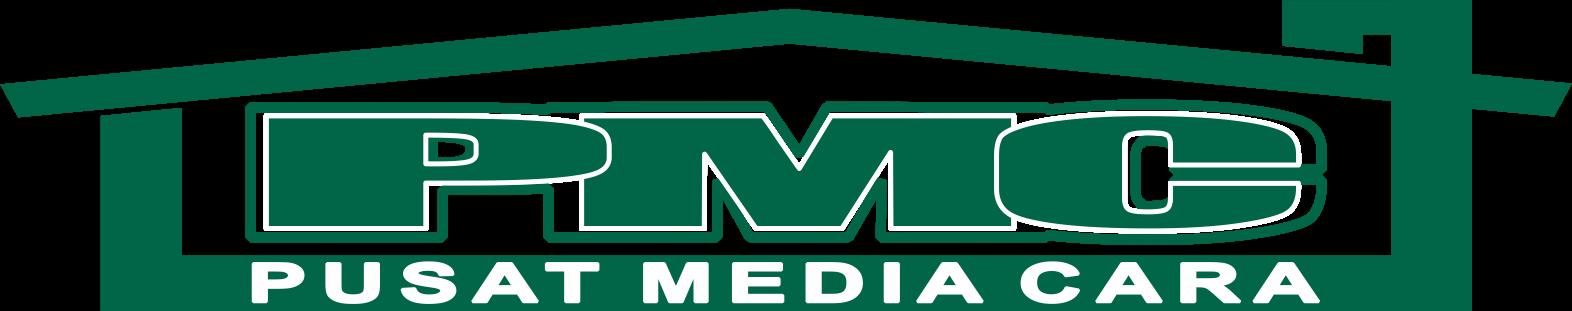 Pusat Media Cara